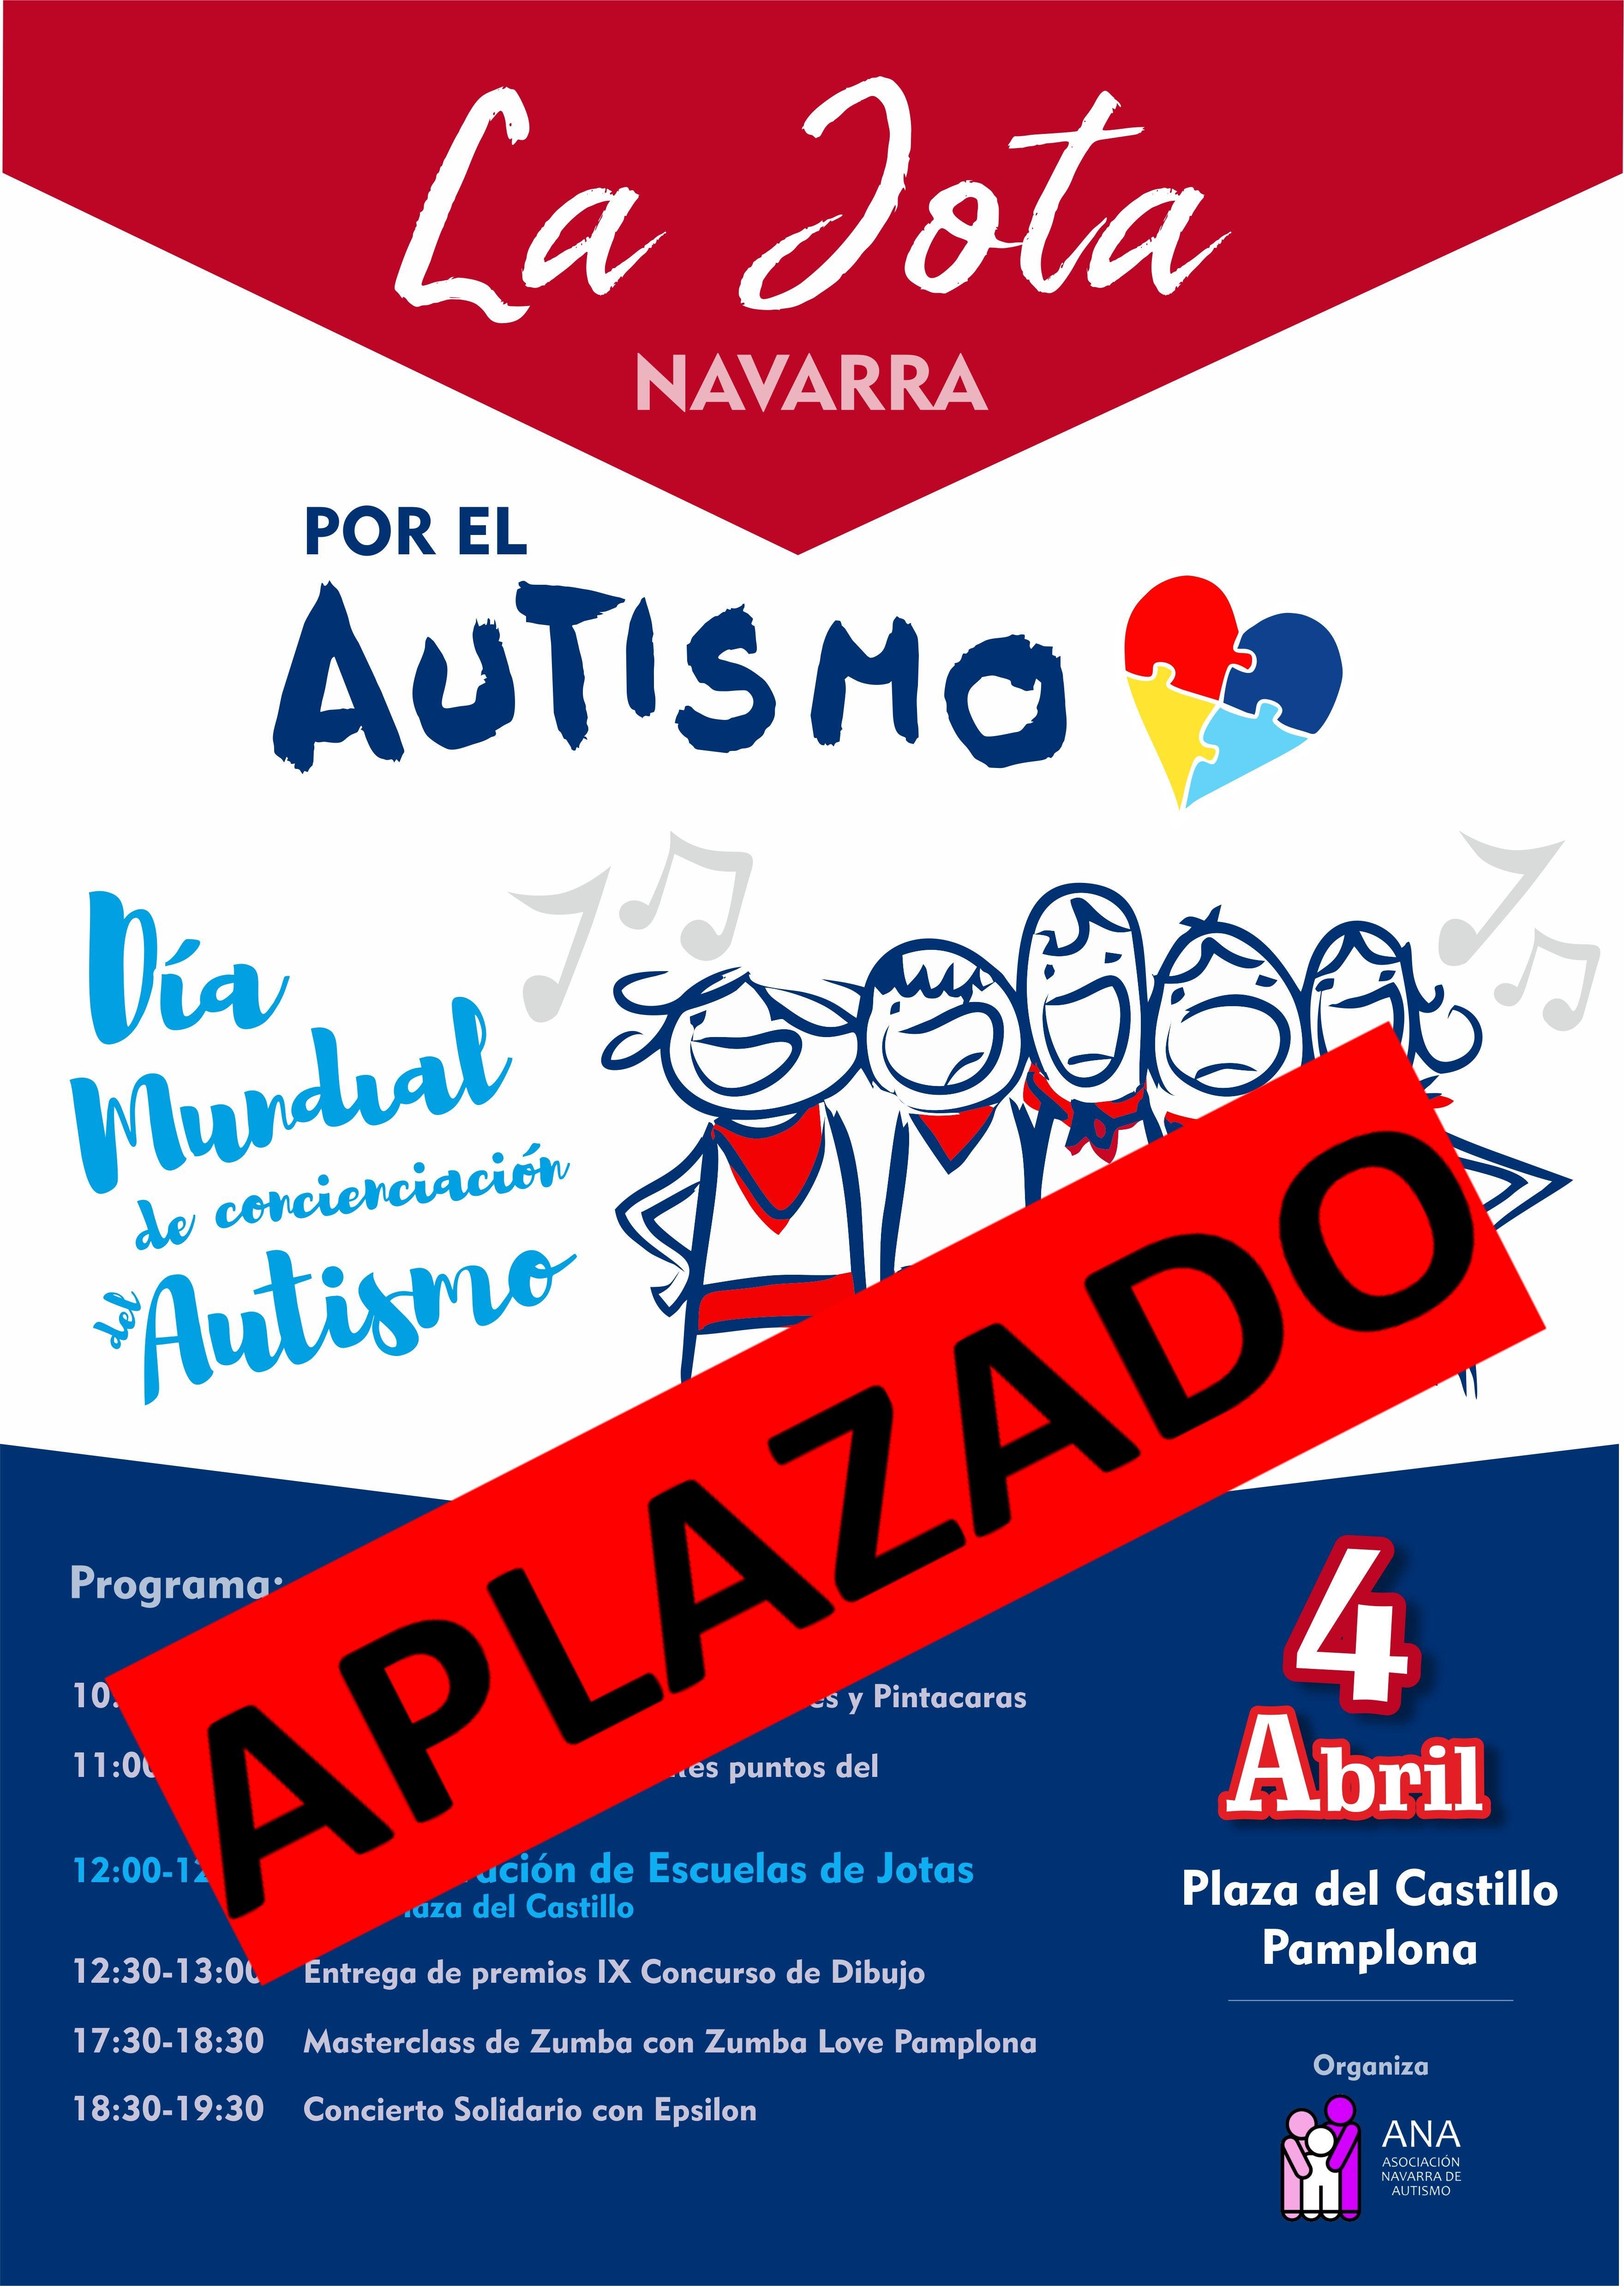 Imagen del cartel del Día Mundial por el Autismo con el aplazamiento